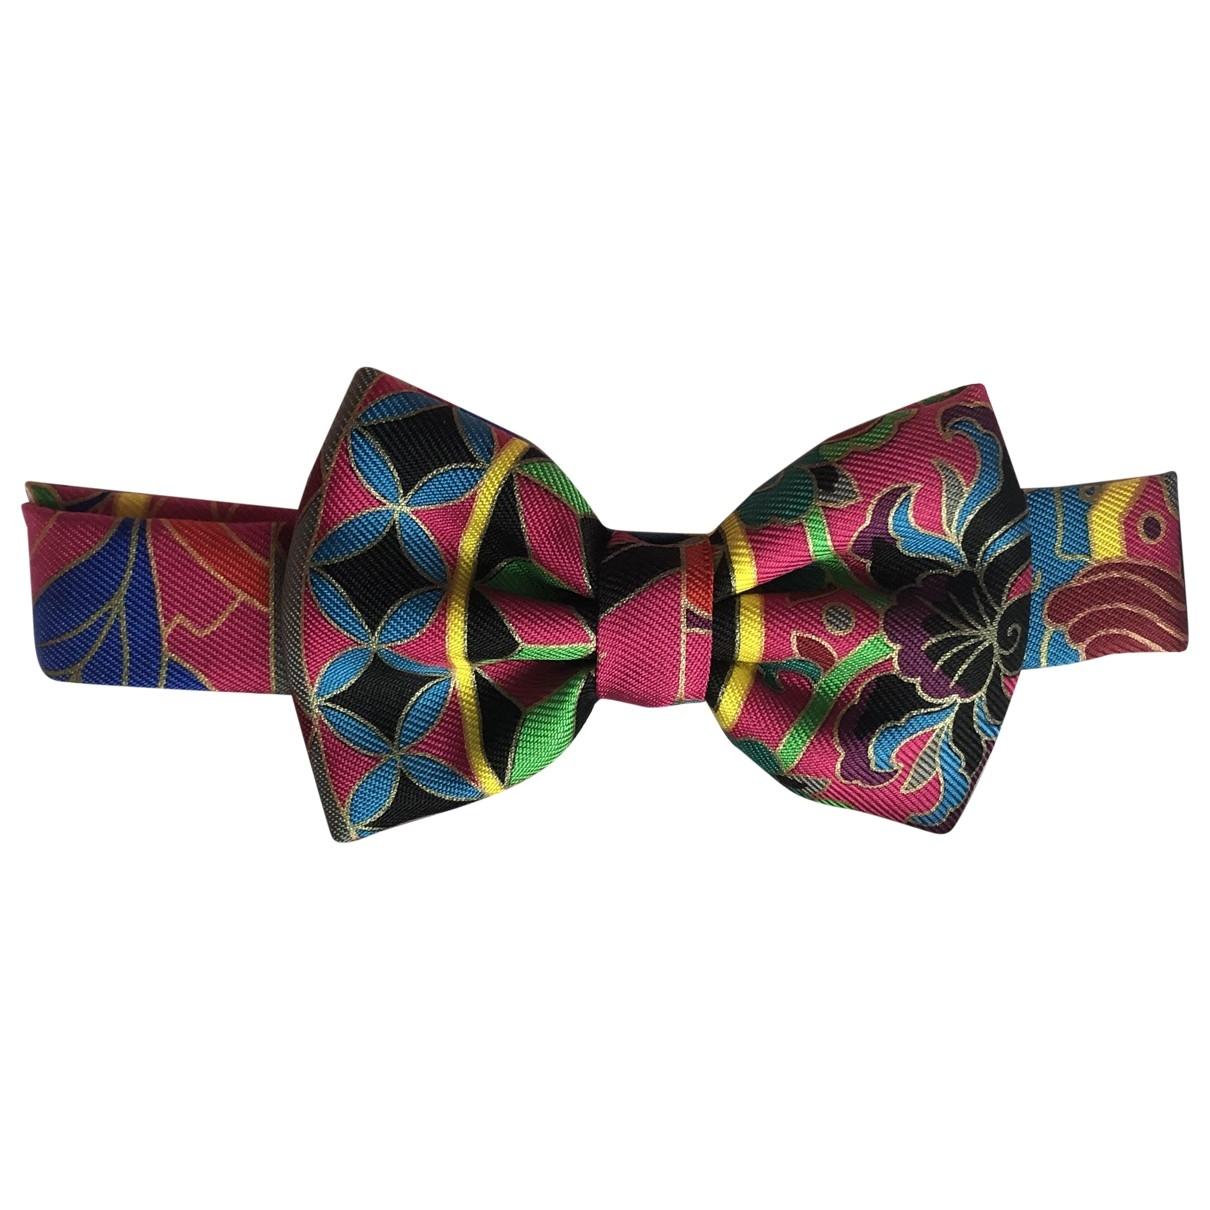 Corbata Noeud Papillon de Seda Hermes